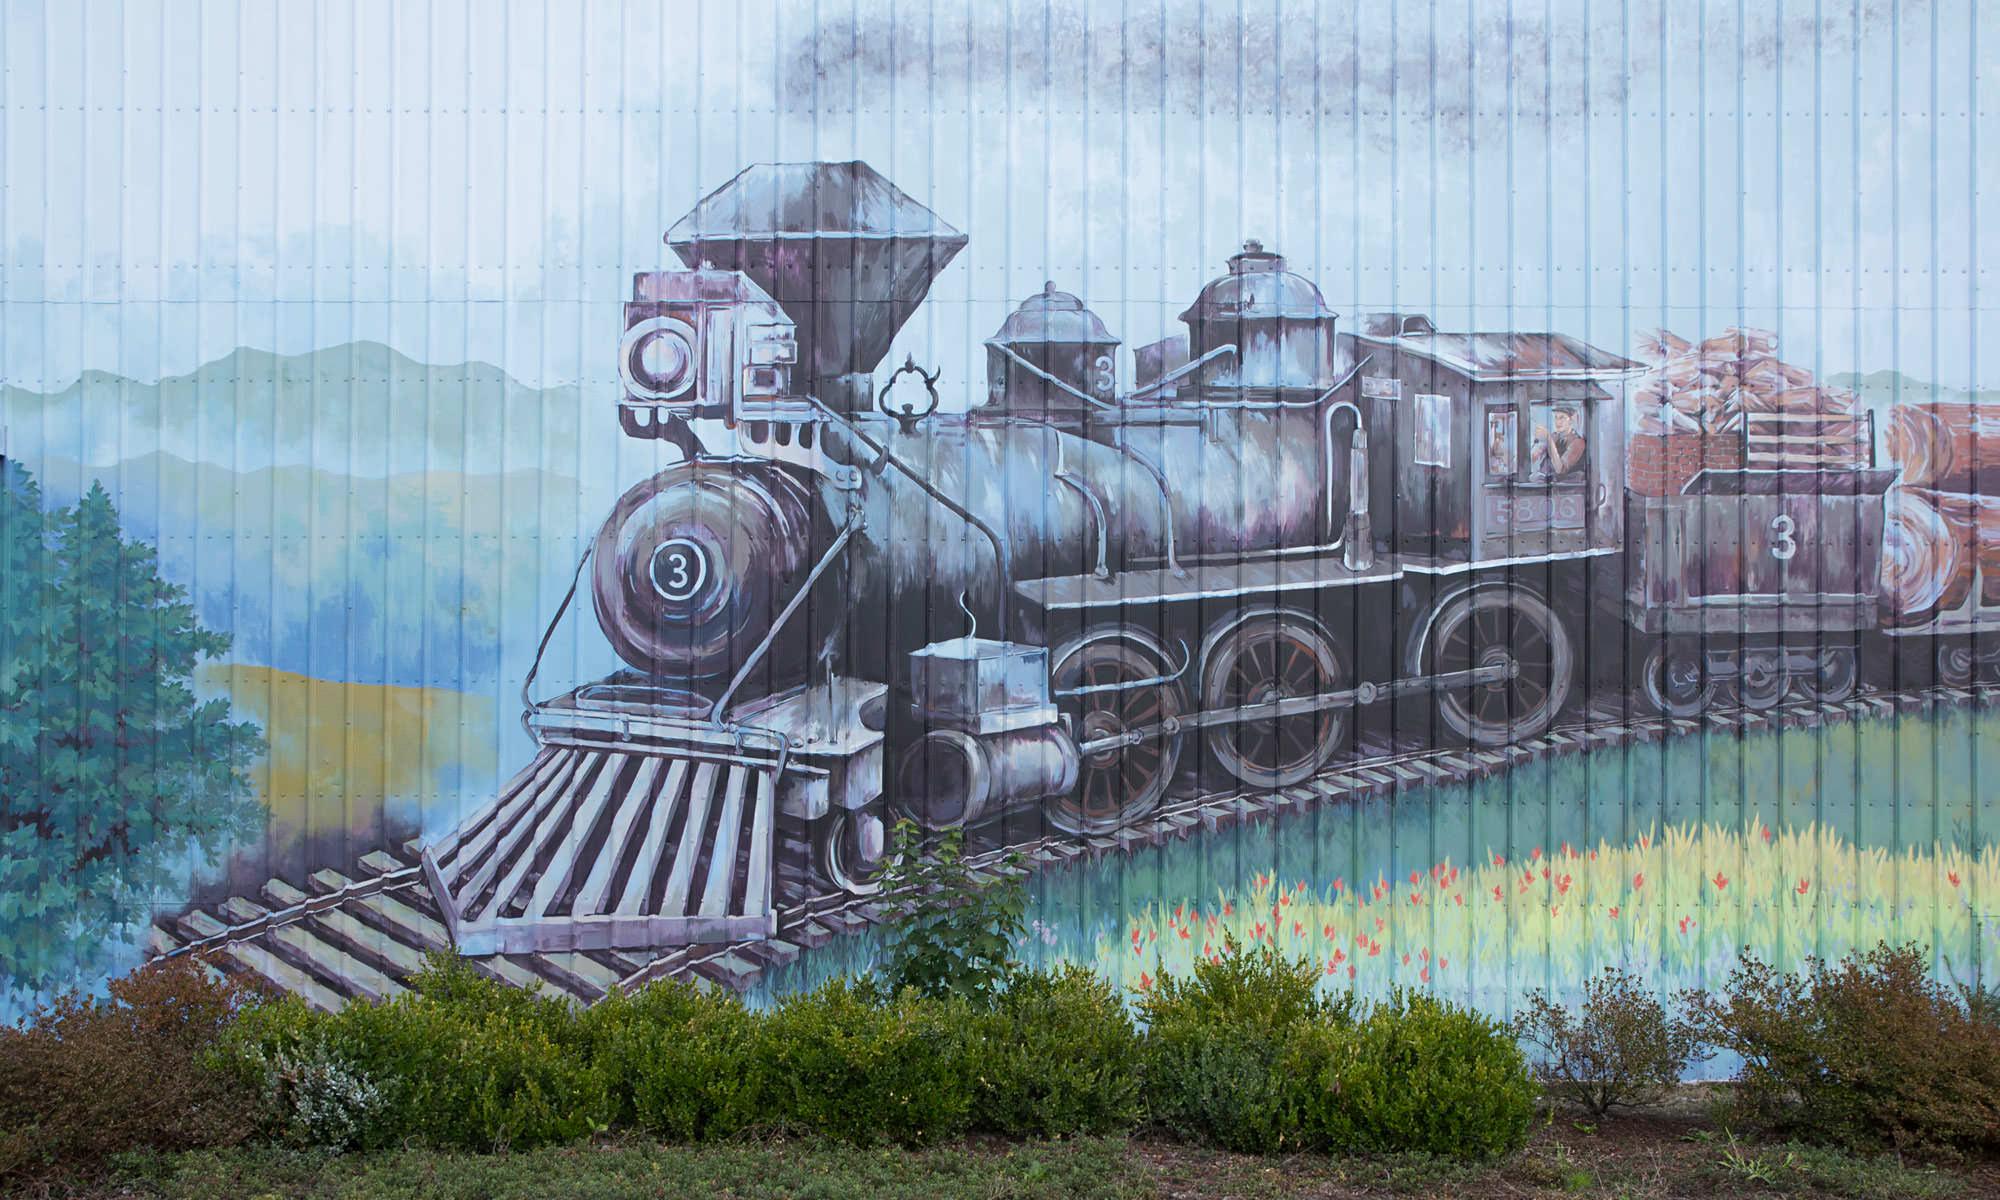 A mural paiting shows a steam engine train riding through agricultural land.